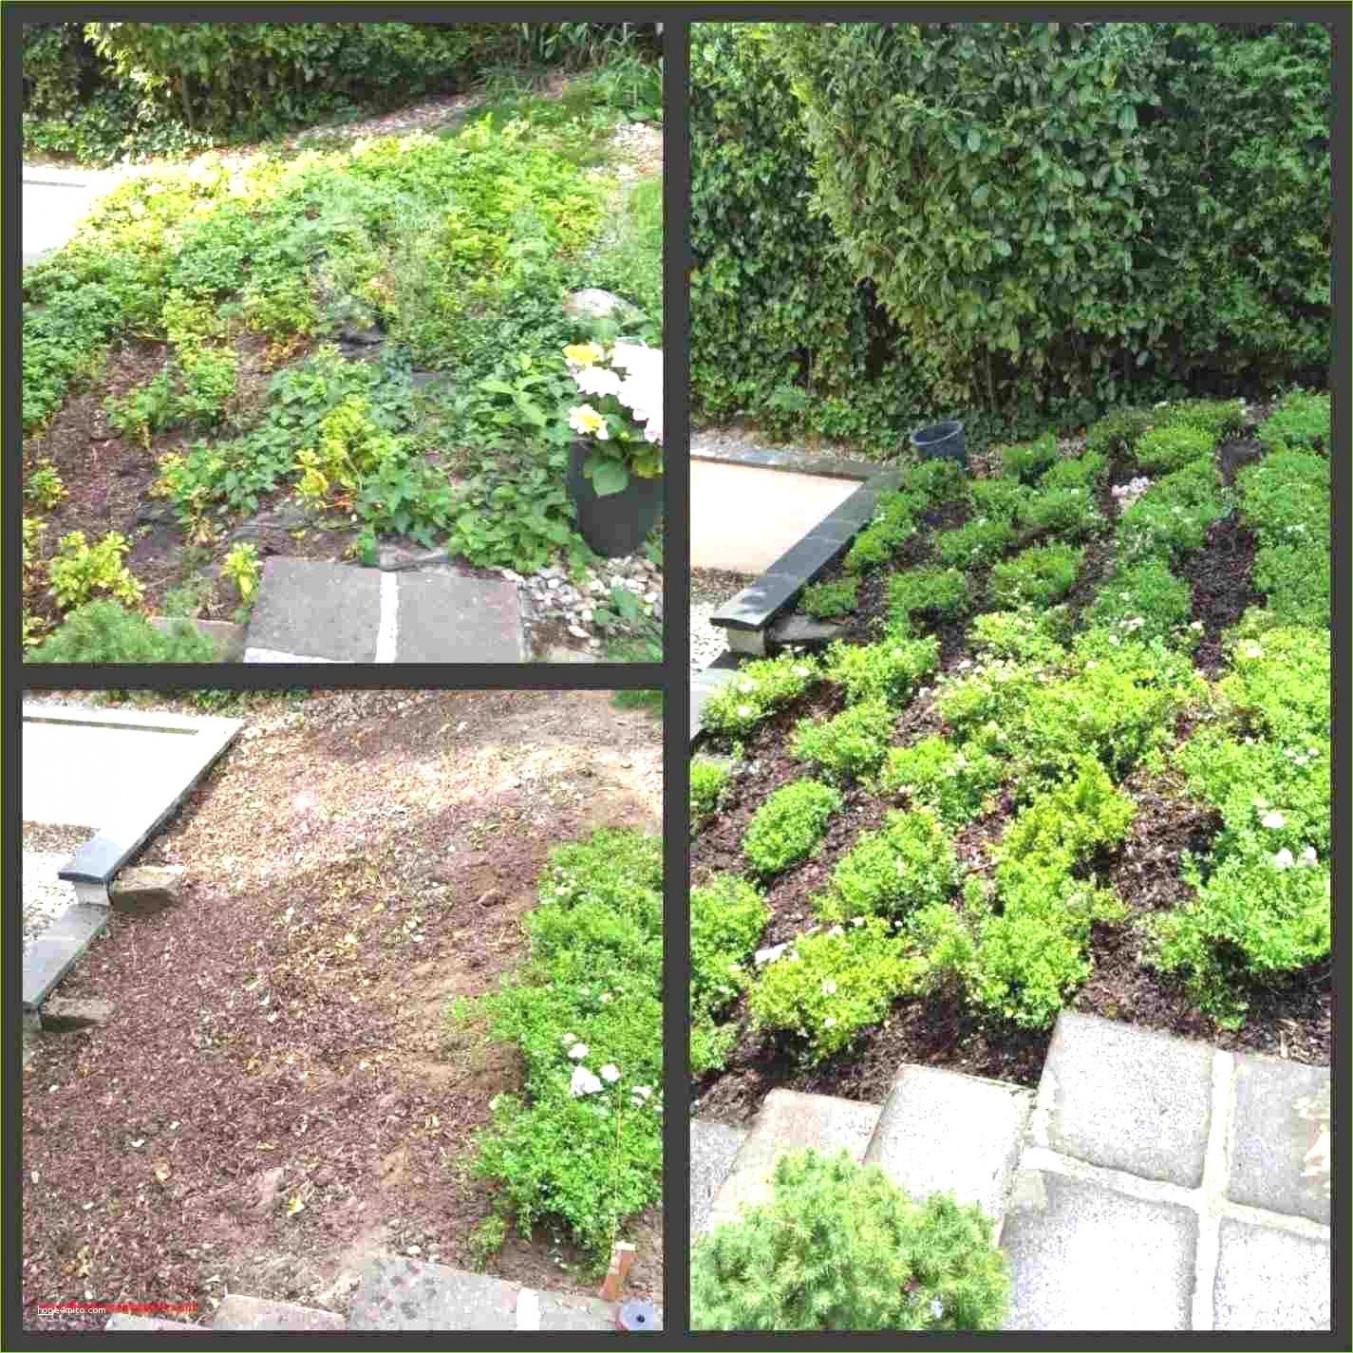 Ausgefallene Gartendeko Selber Machen Elegant Ausgefallene Gartendeko Selber Machen — Temobardz Home Blog